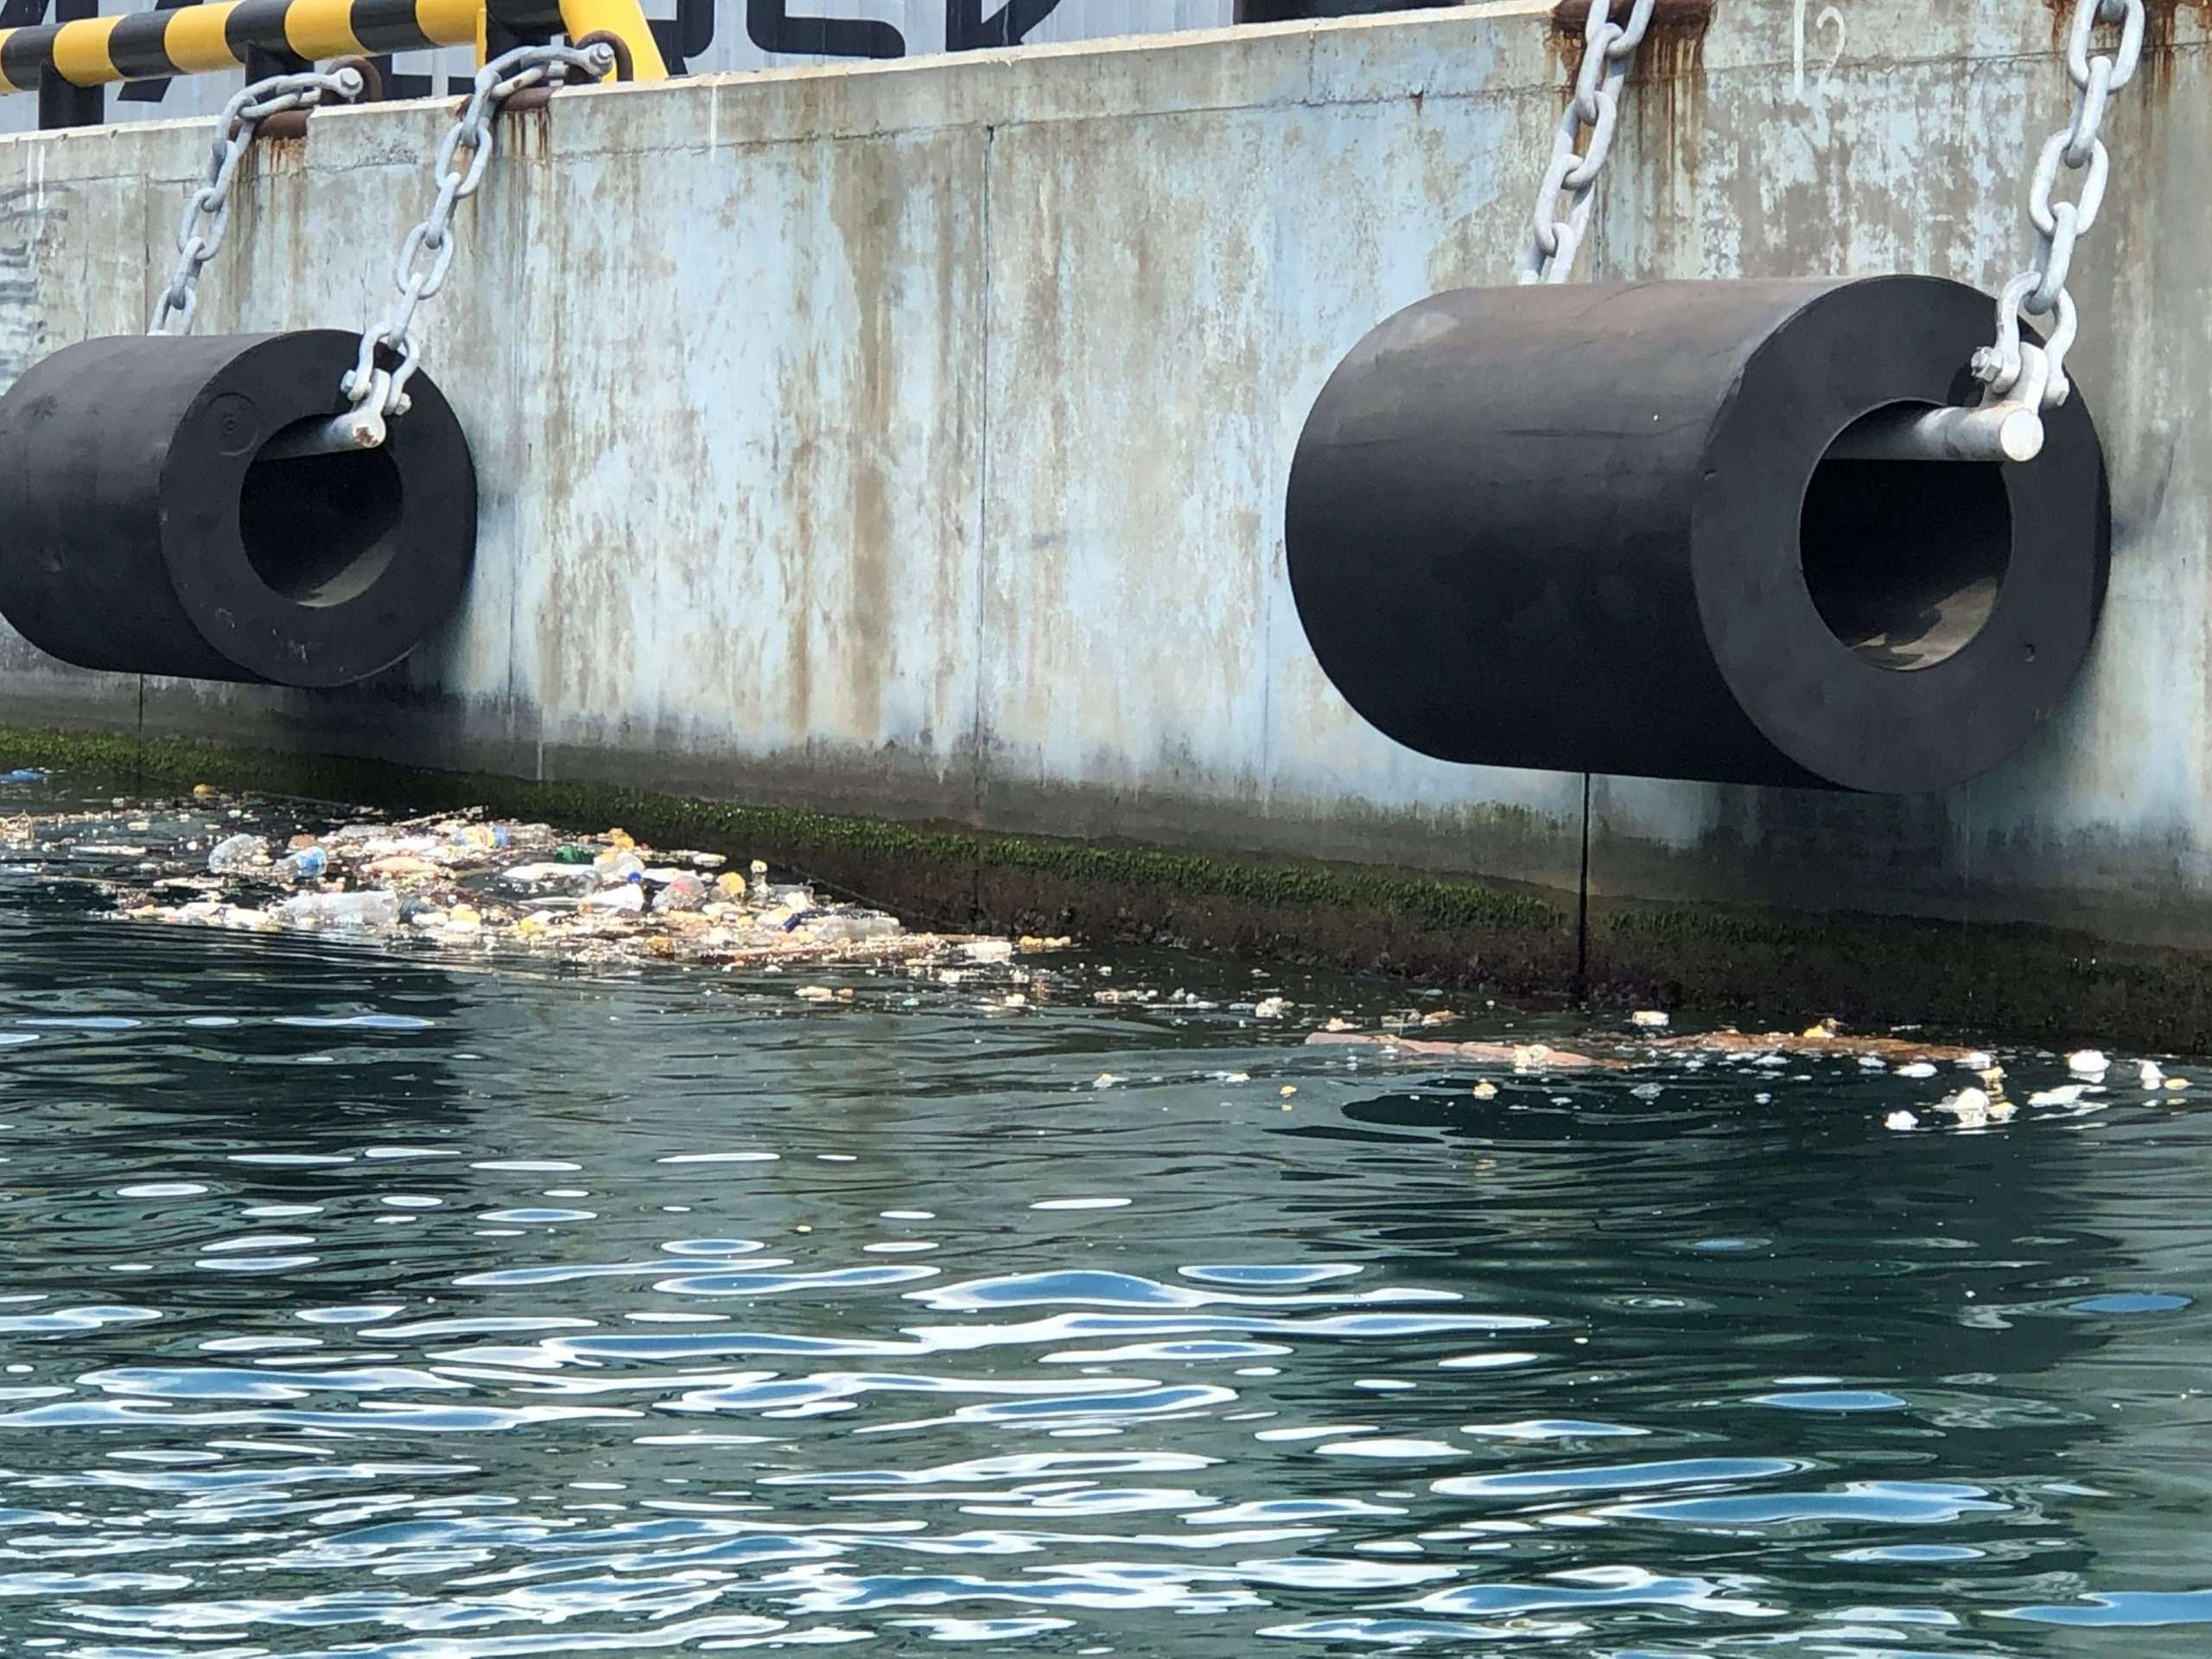 Шесть с половиной миллионов взыщут с предприятий порта за загрязнение Черного моря